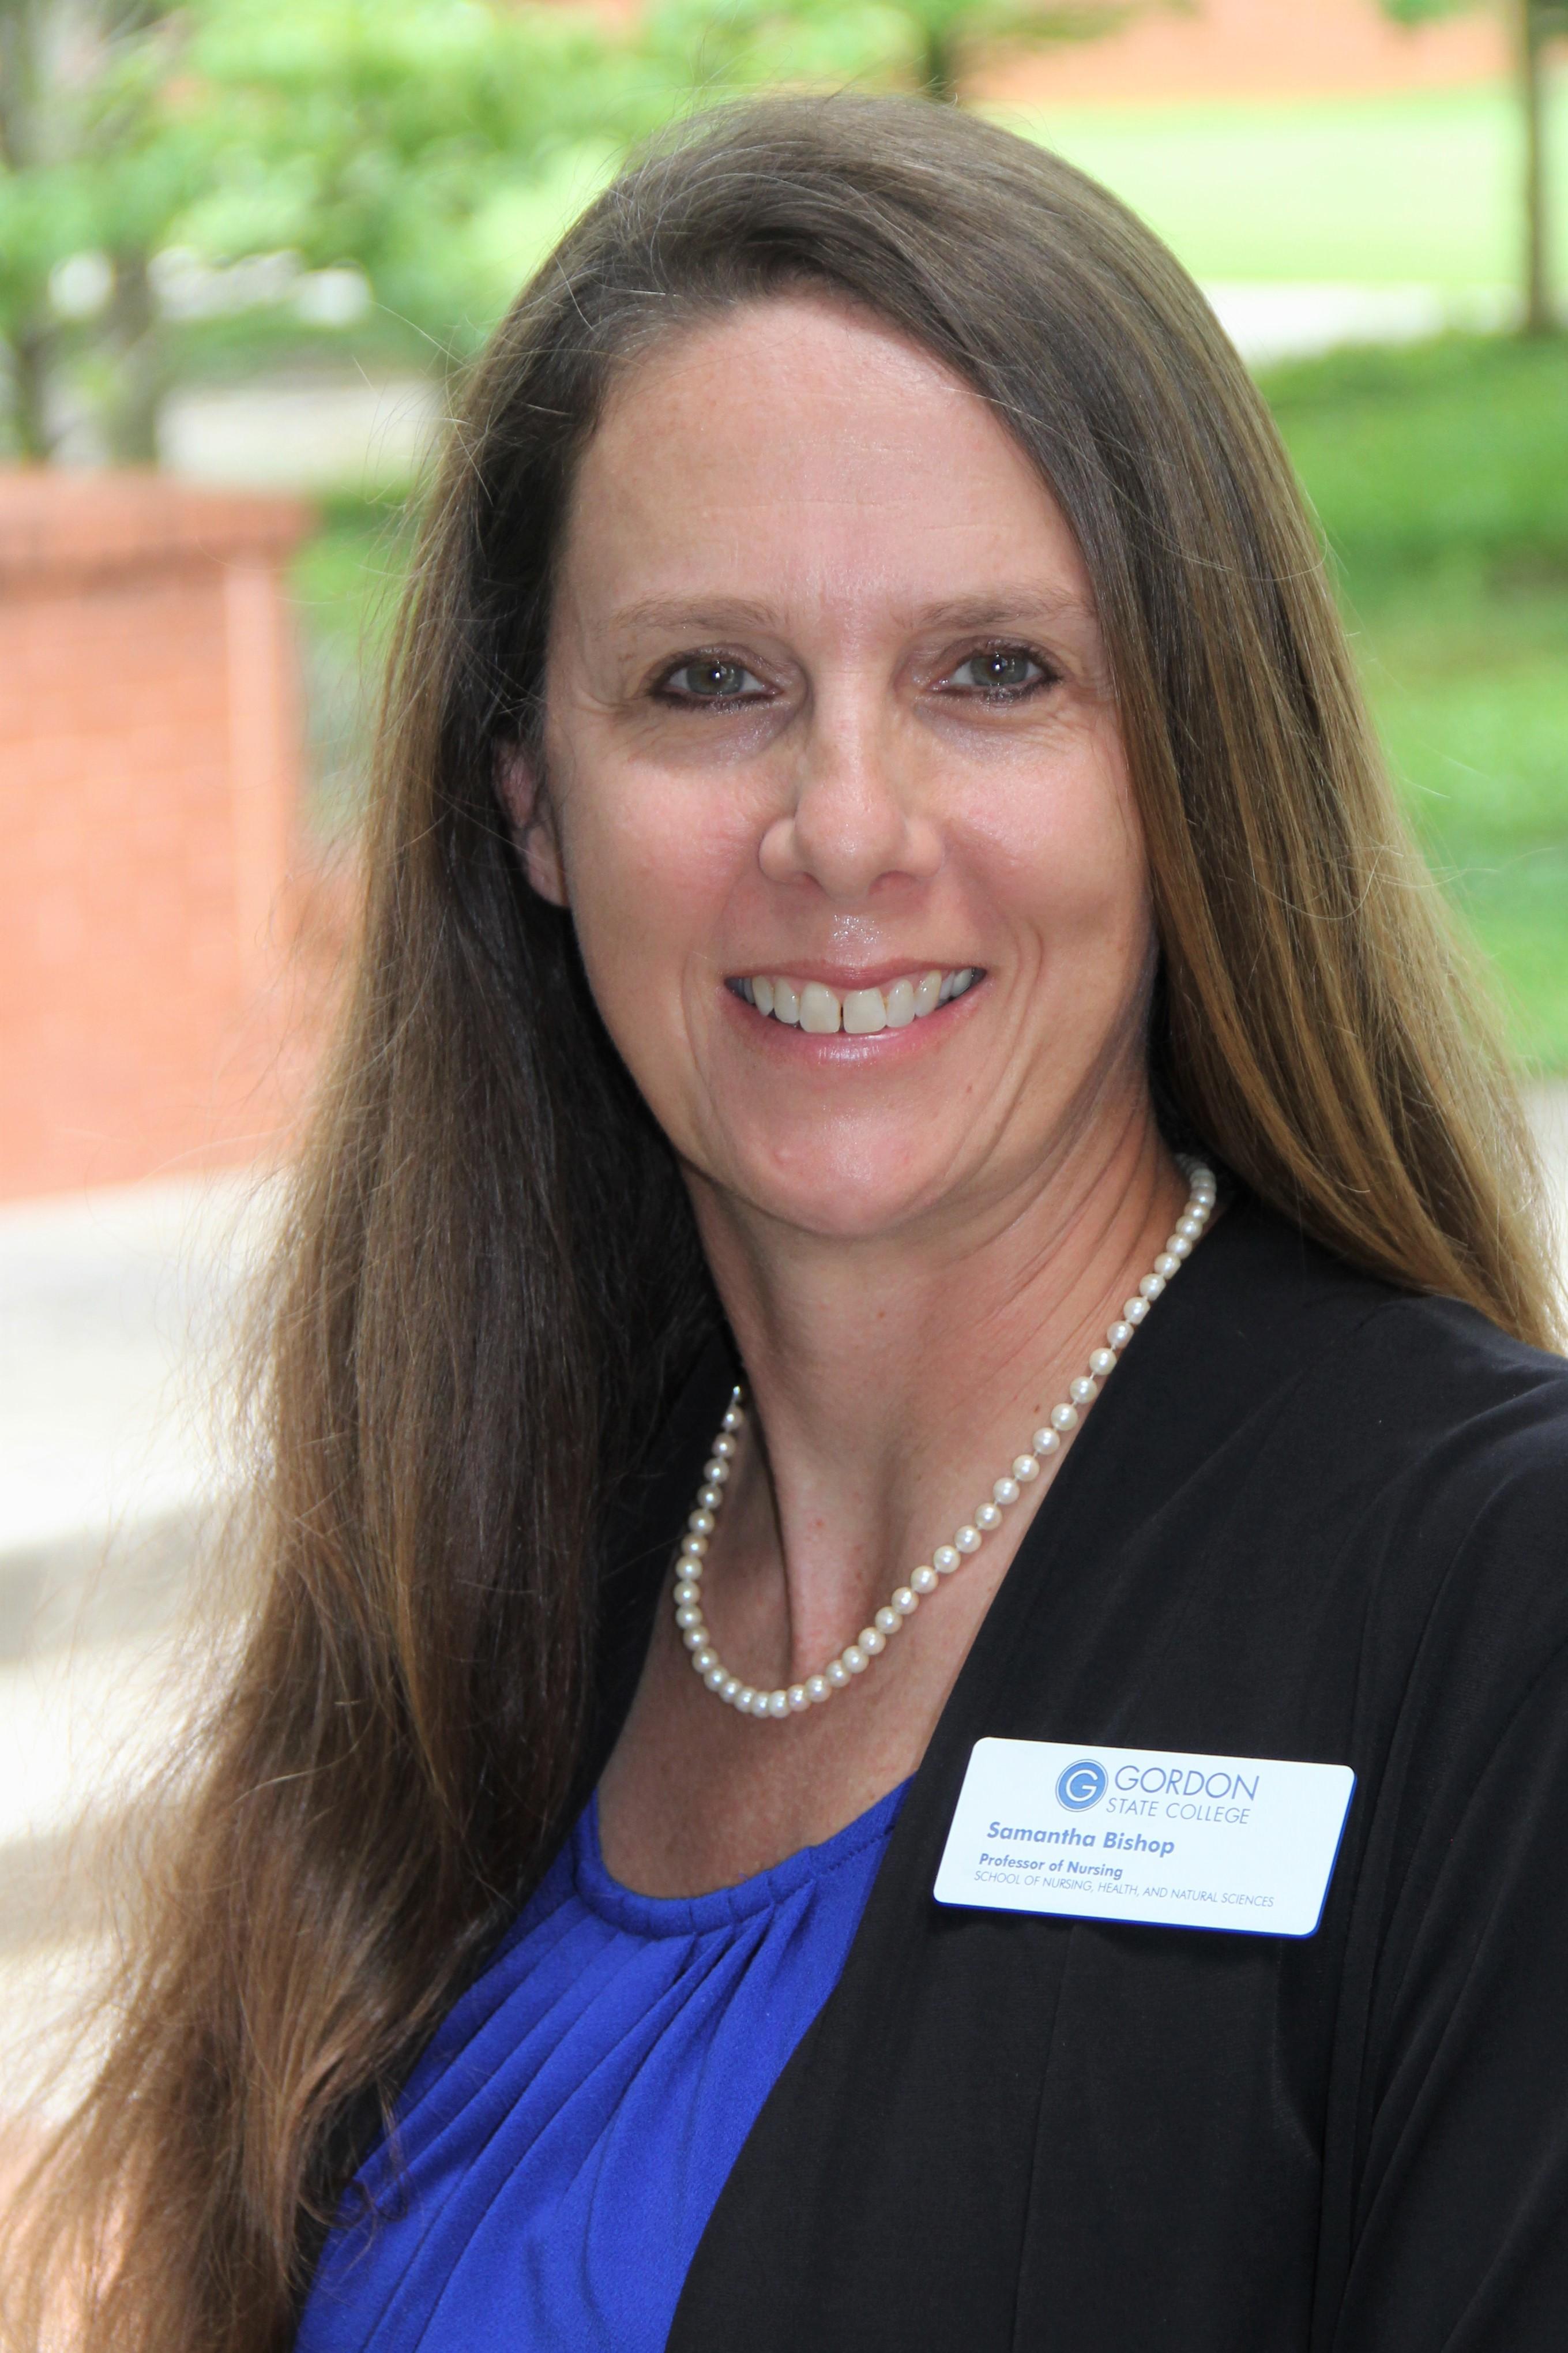 Director of Nursing Samantha Bishop